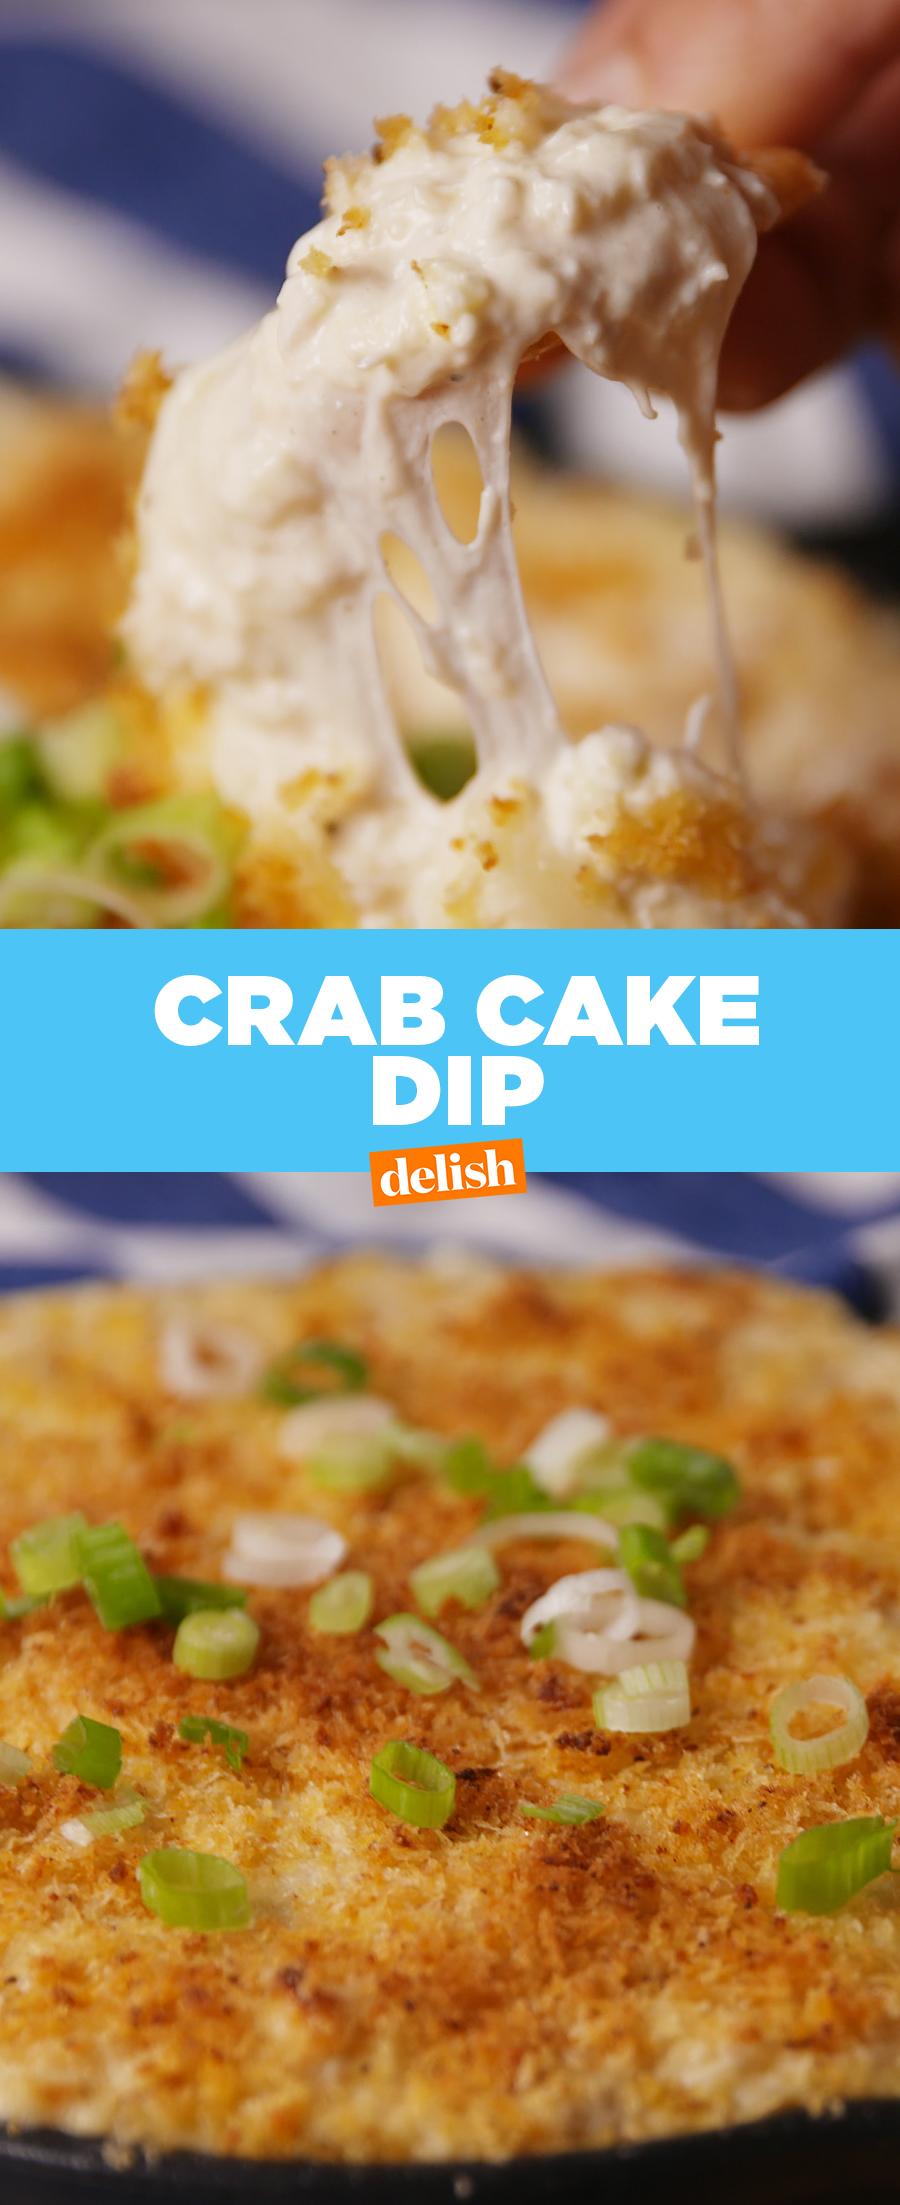 crab cake dip pinterest